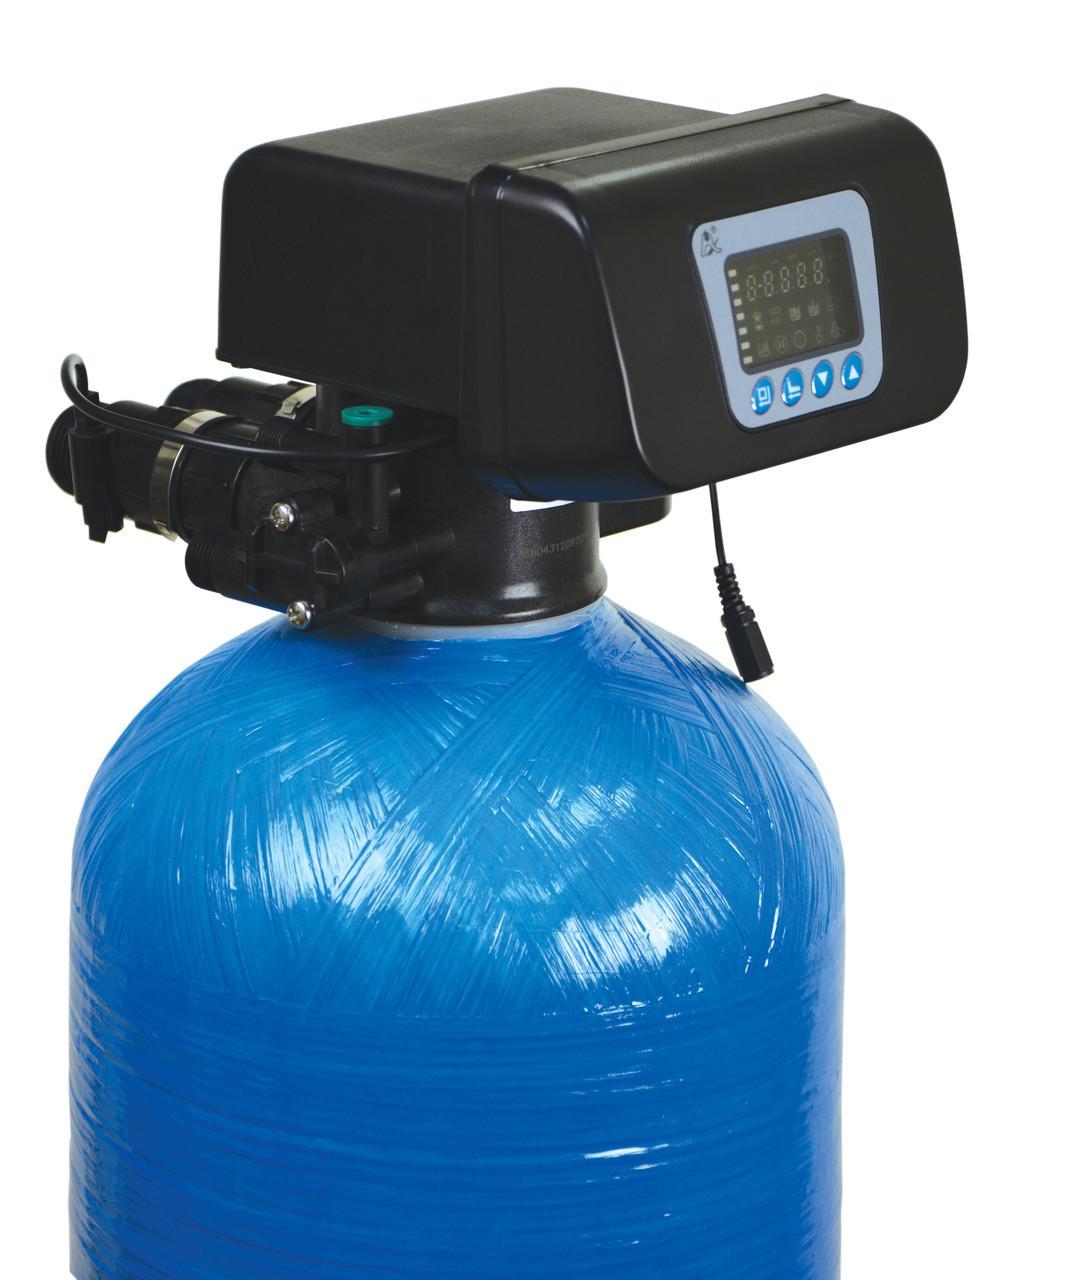 Фільтр пристрій для усунення залізних води Aqualine FI 1665/1.0-118